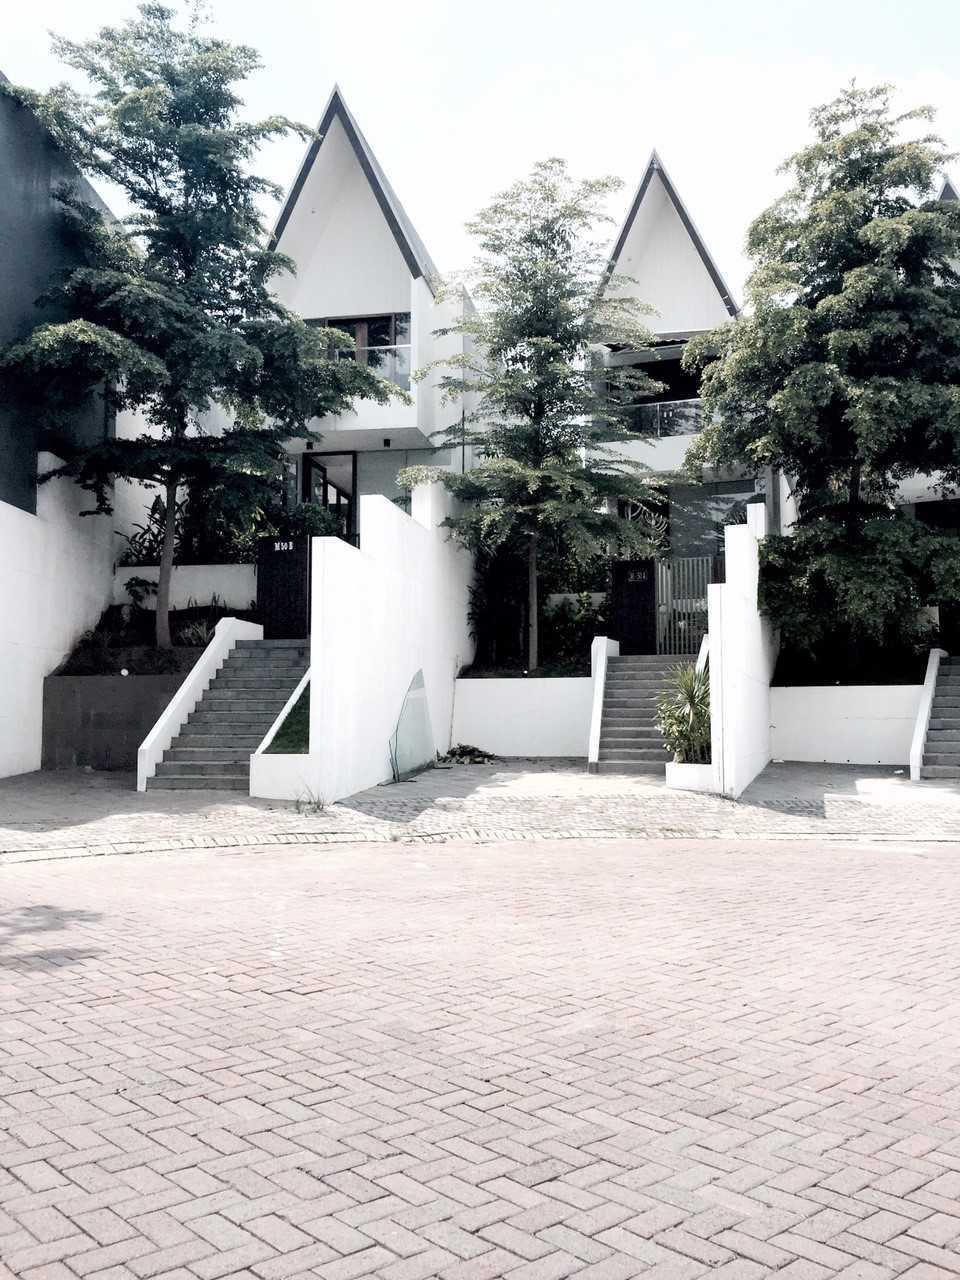 Foto inspirasi ide desain perpustakaan kontemporer Photo-29773 oleh KOMA di Arsitag